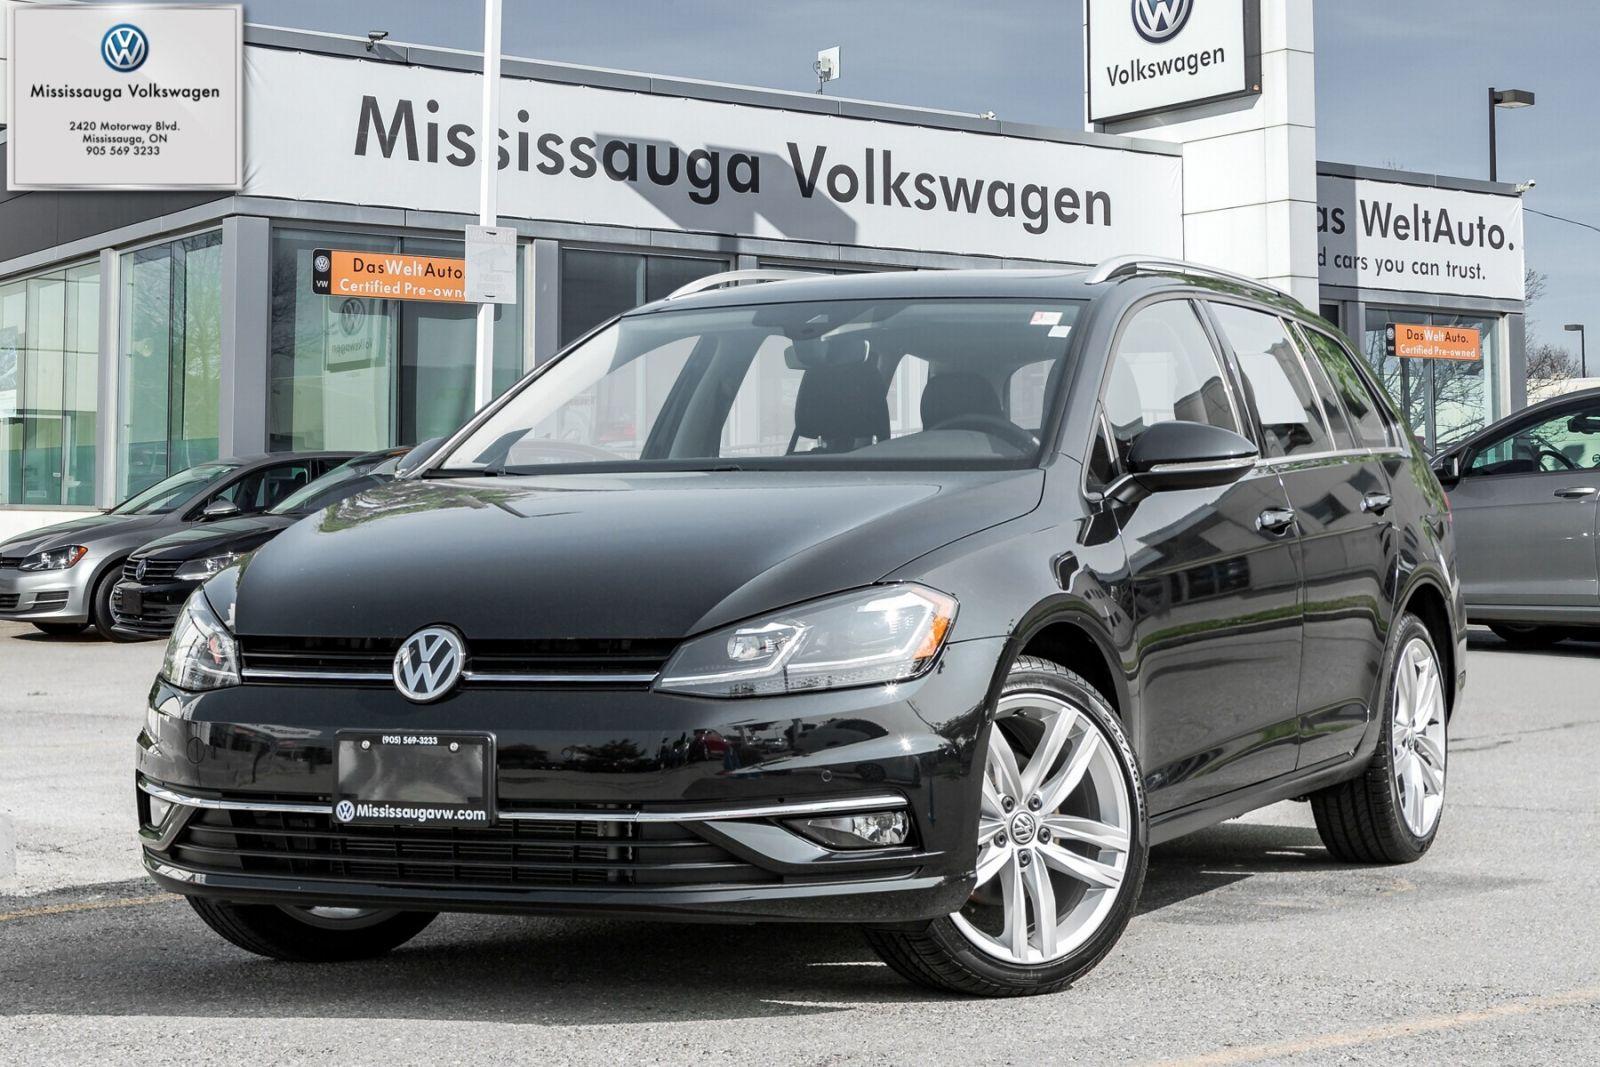 2018 Volkswagen Golf SportWagen Image